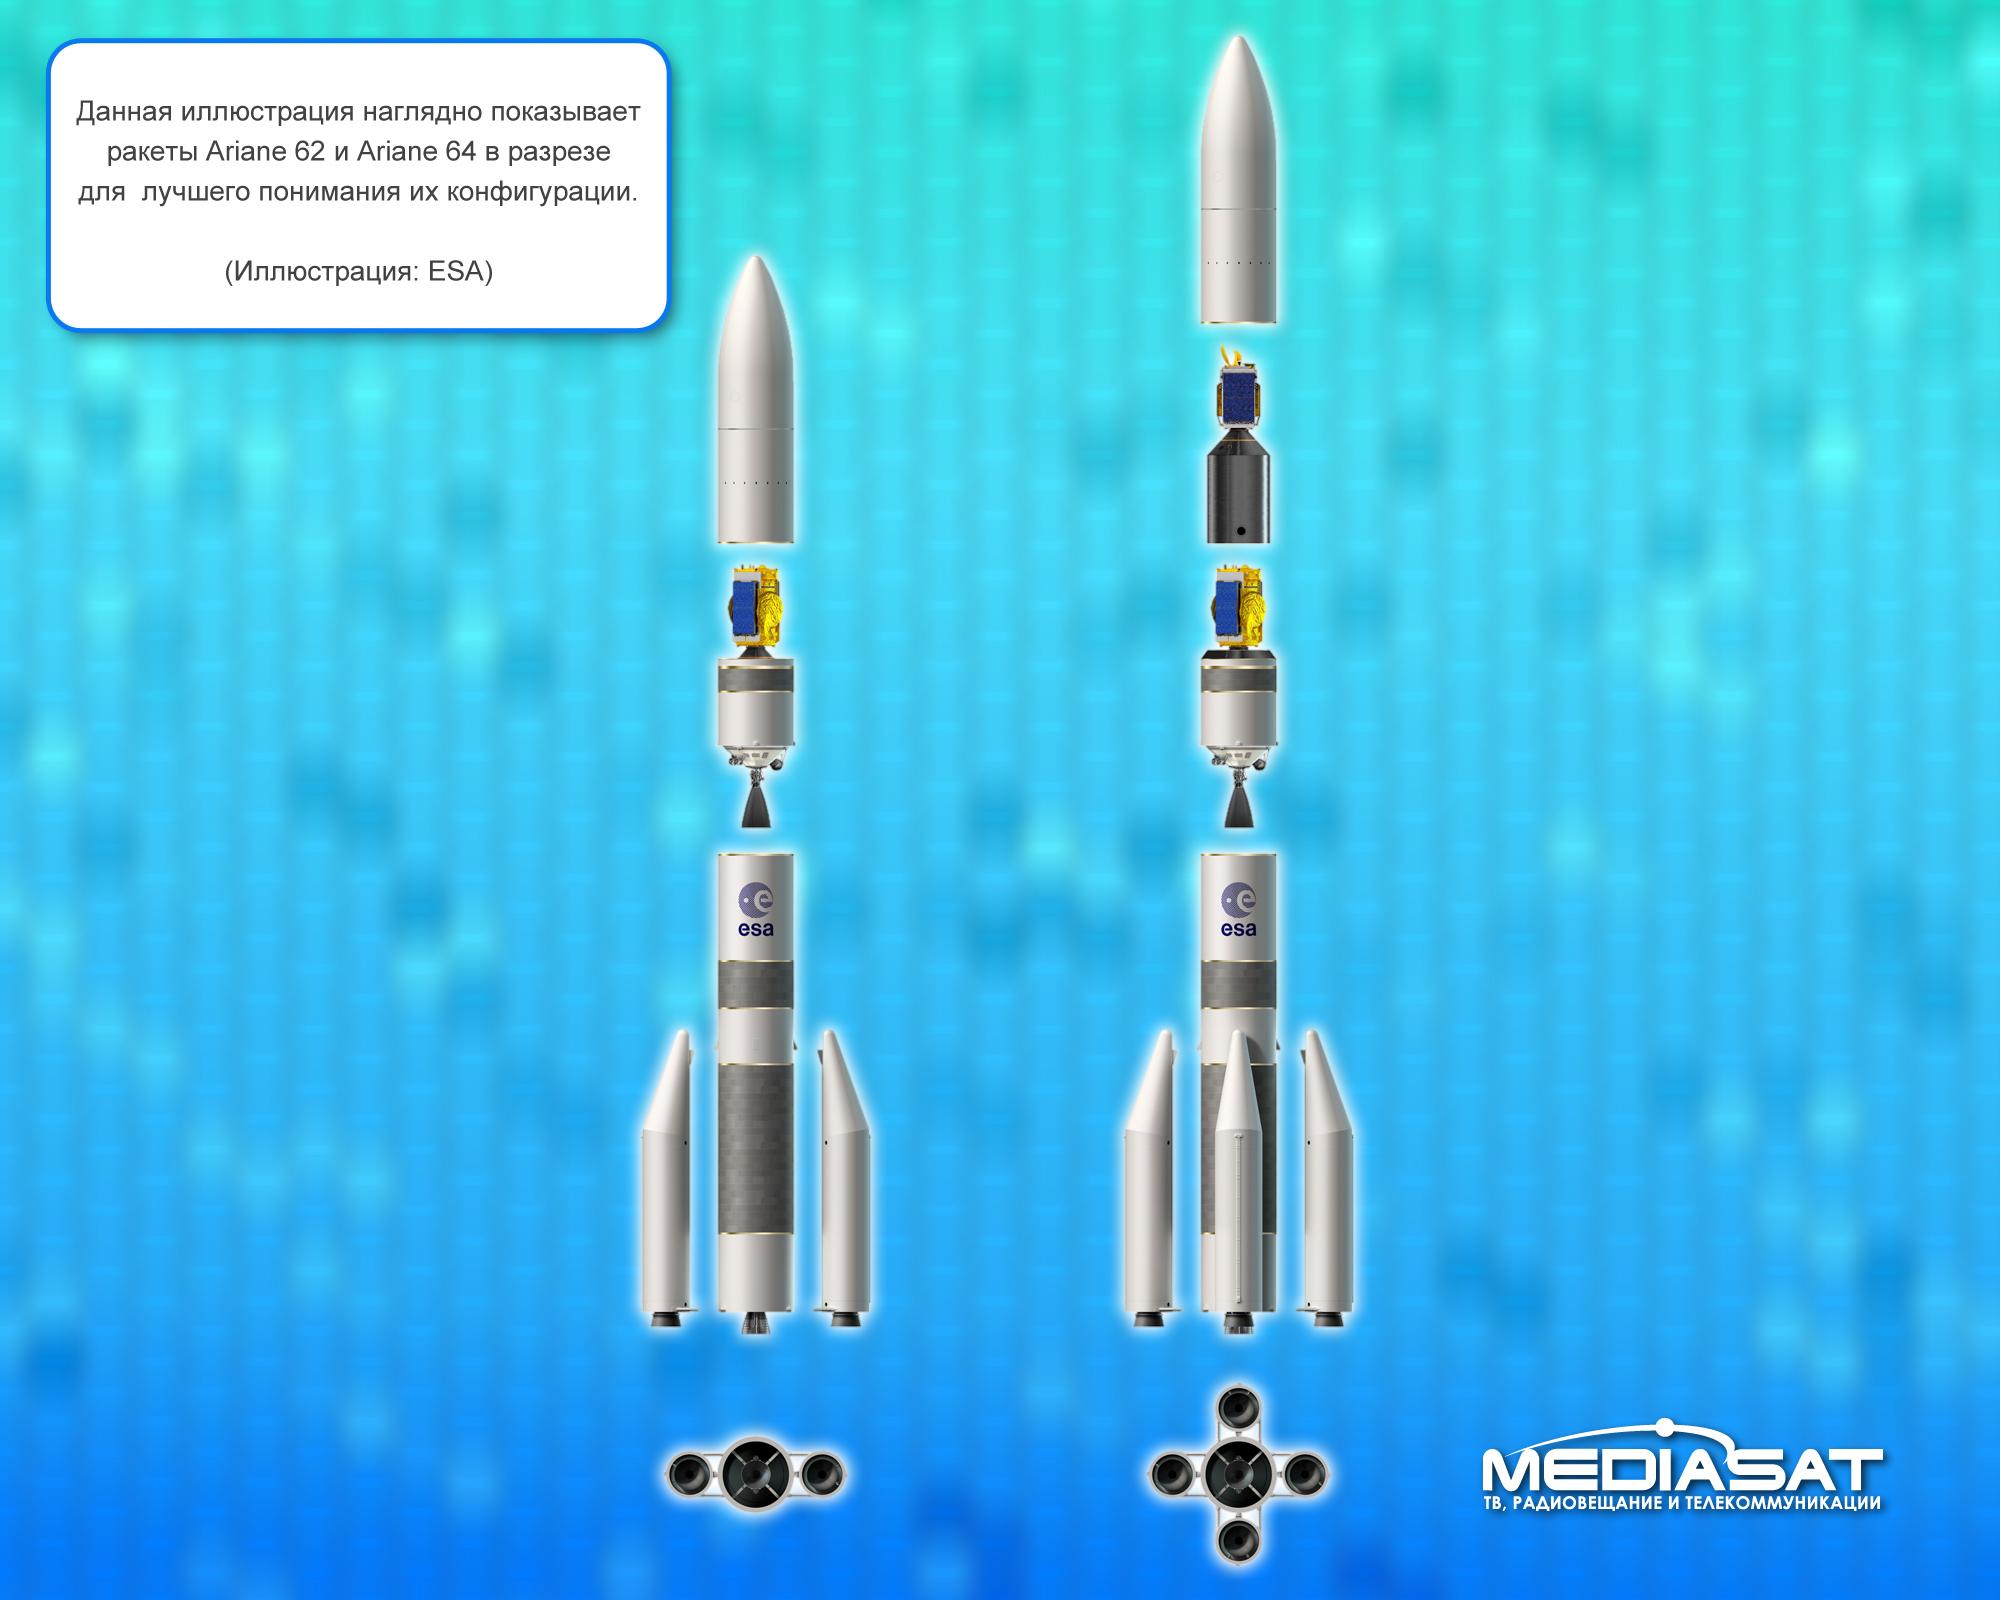 Диаграмма, наглядно демонстрирующая ракеты Ariane 62 и Ariane 64 в разрезе, для лучшего понимания их конфигурации. Иллюстрация: ESA